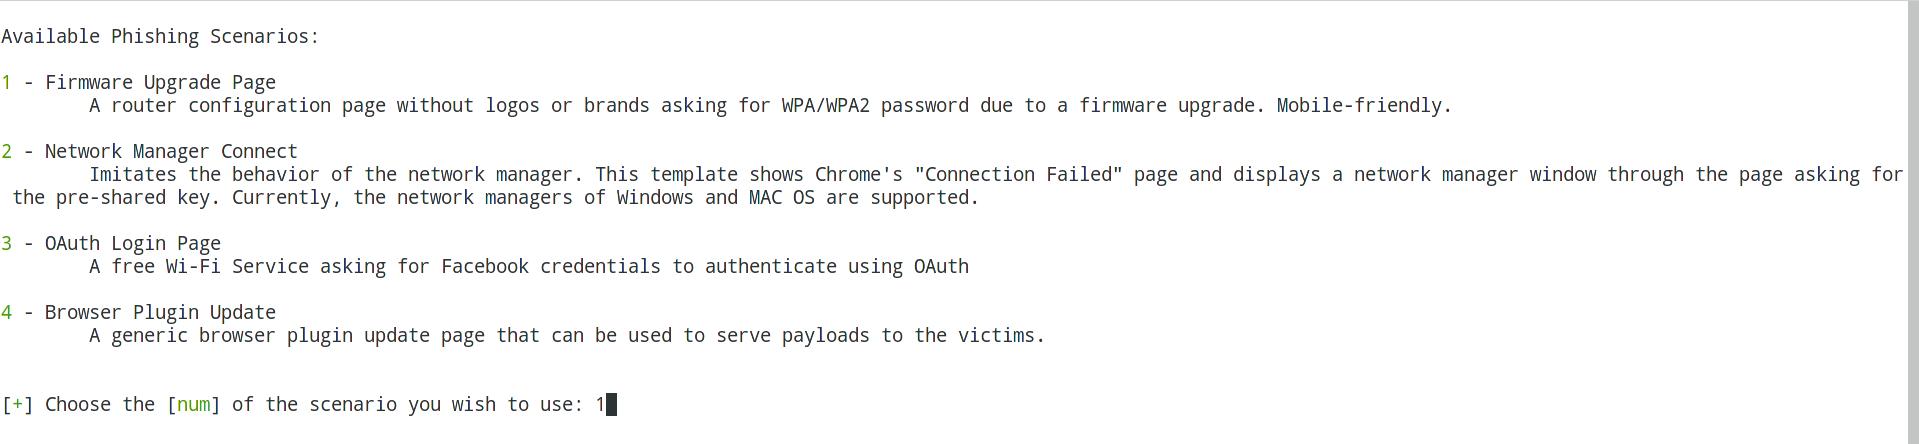 Быстрый взлом Wi-Fi пароля без перебора (атака Злой Двойник